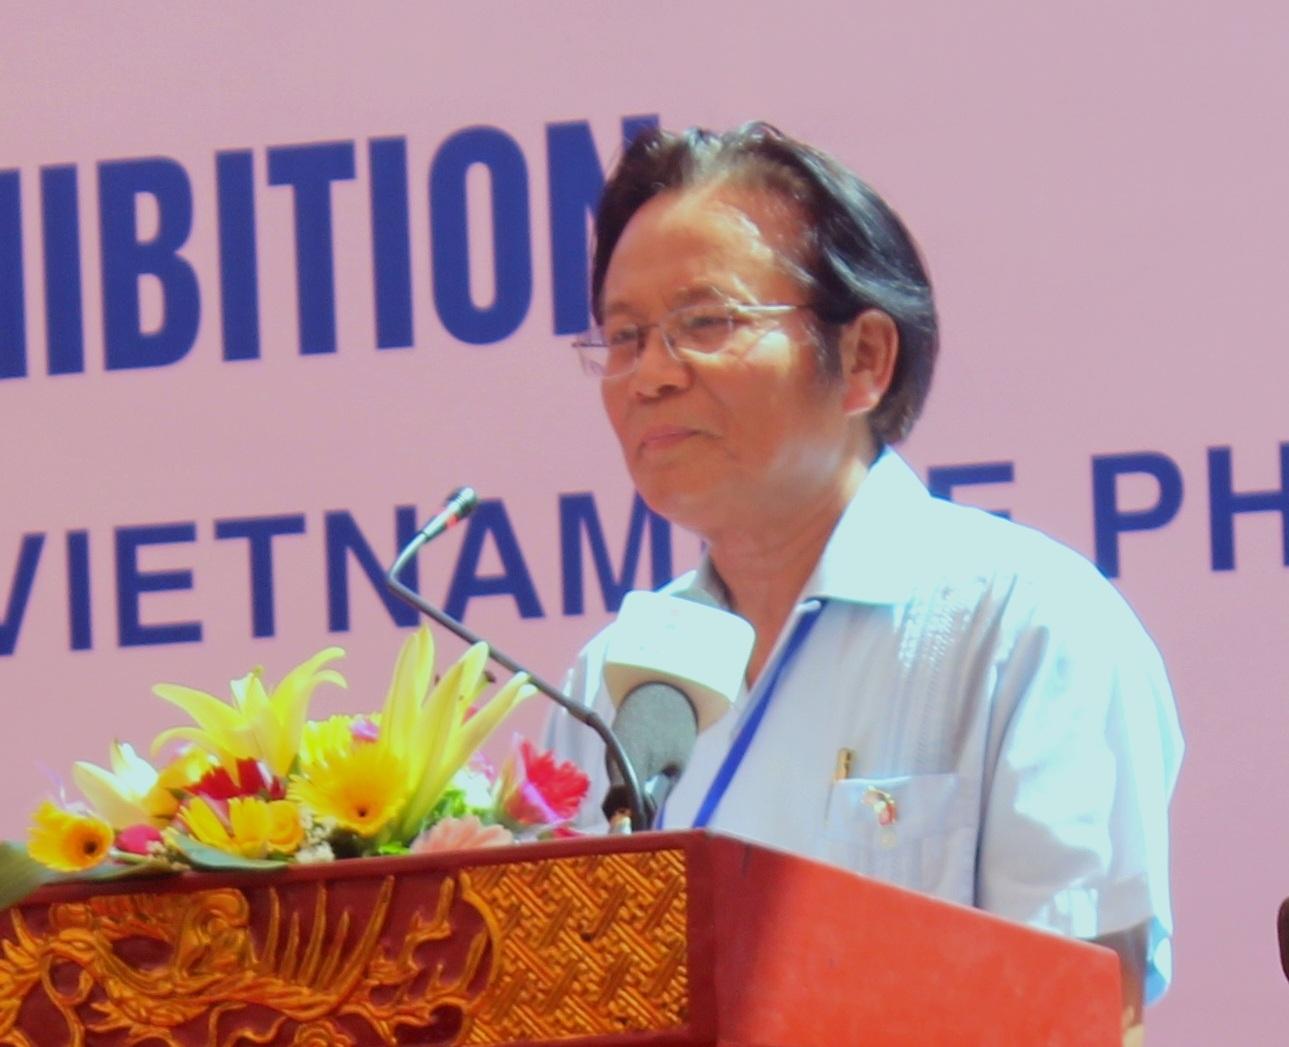 Chủ tịch Hội Việt-Mỹ, cựu Đại sứ Việt Nam tại Mỹ, Nguyễn Tâm Chiến, phát biểu tại buổi lễ